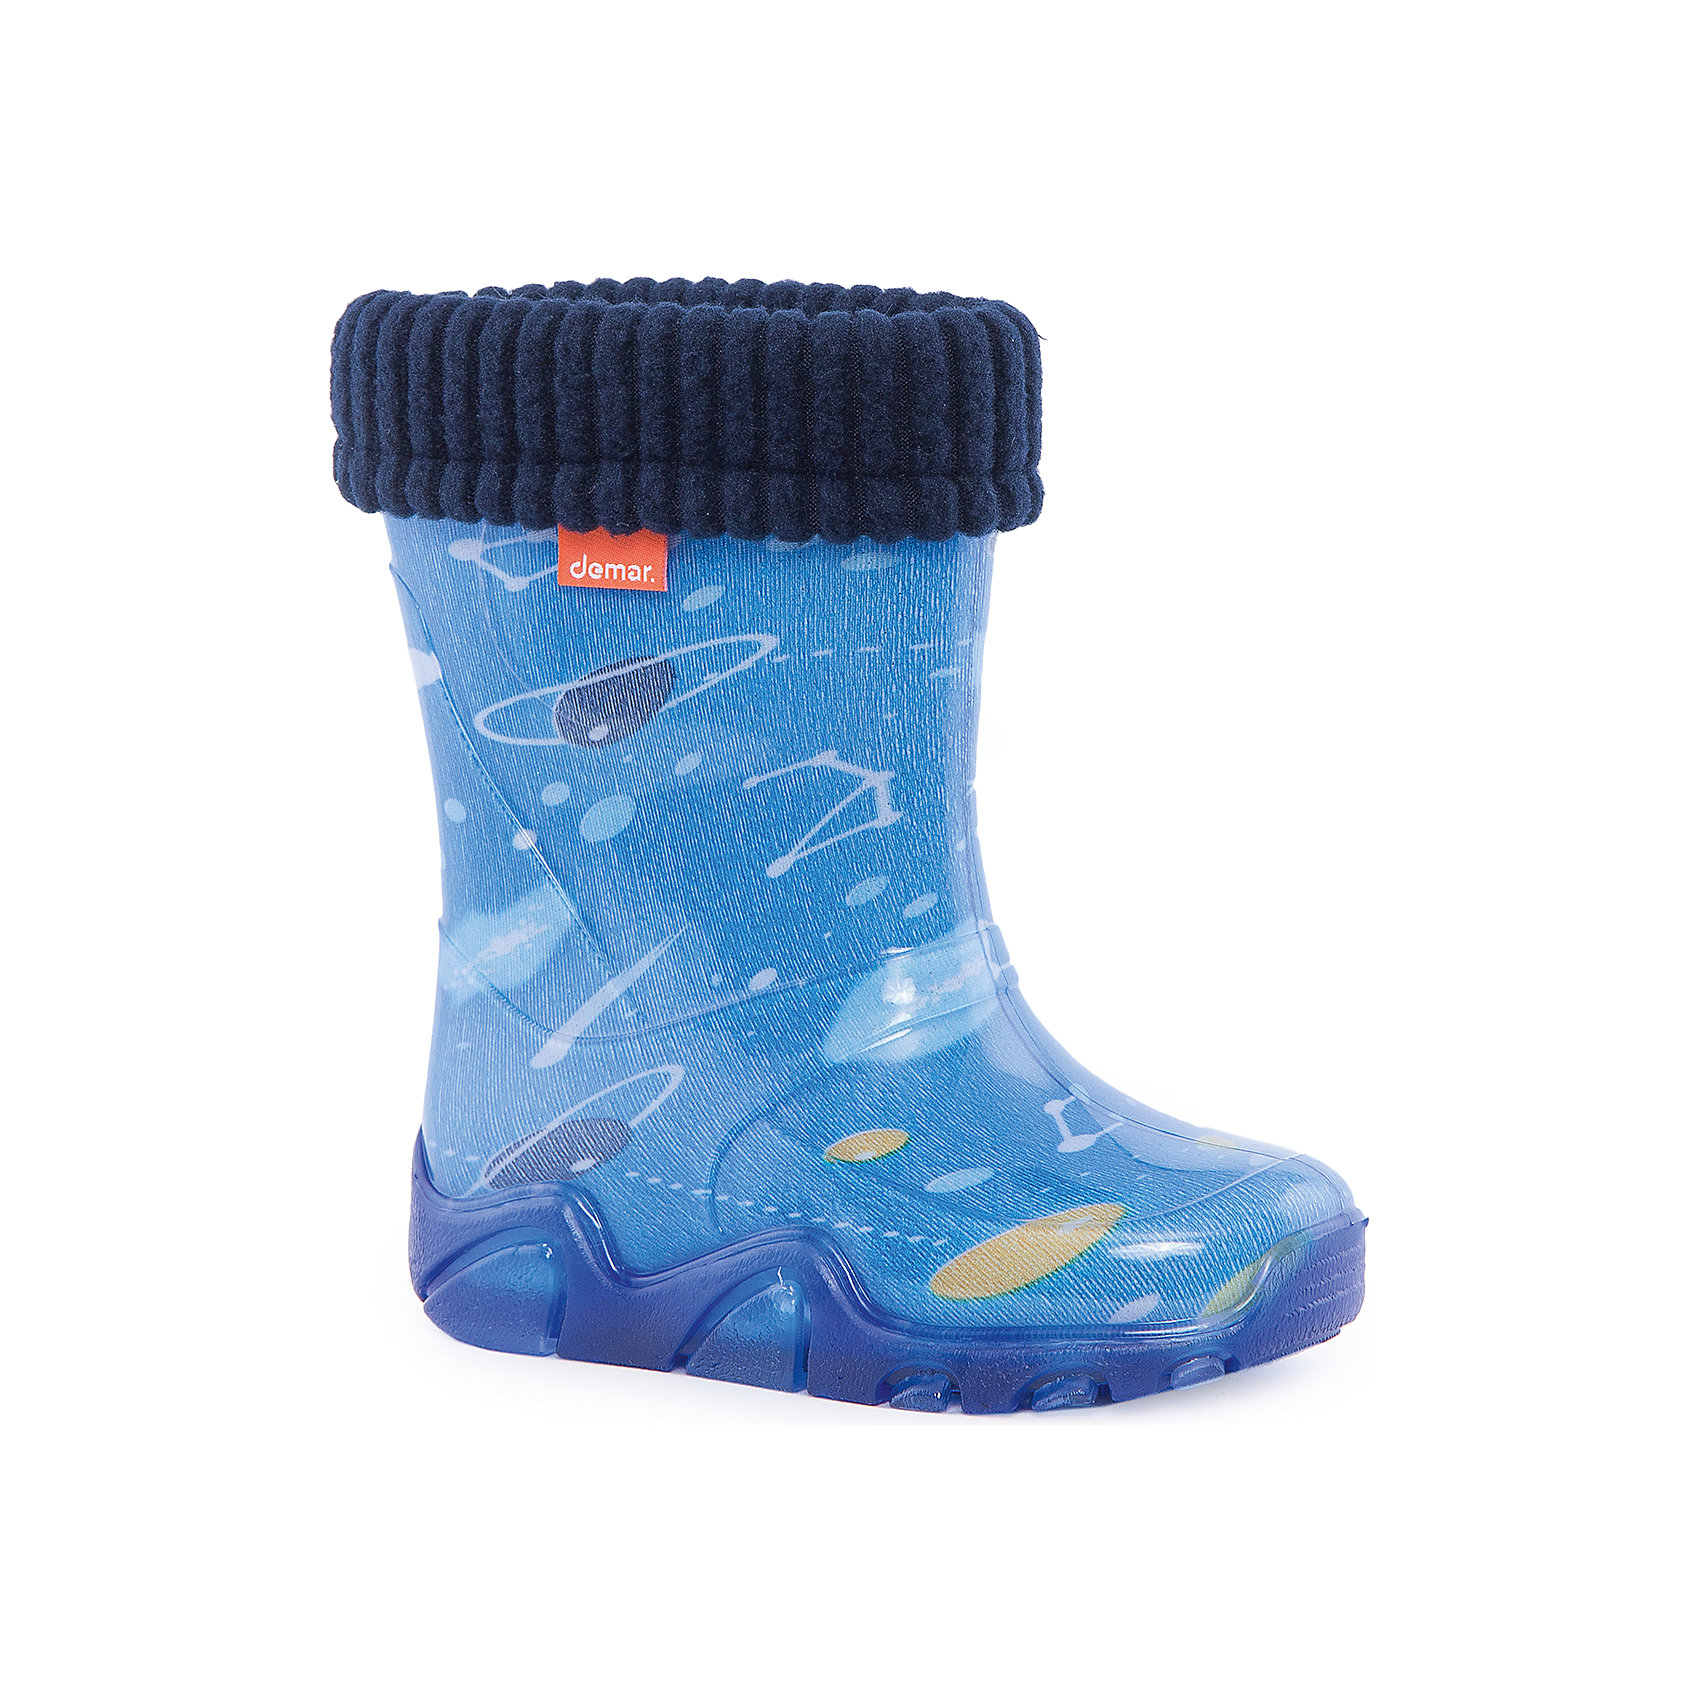 Резиновые сапоги Stormer Lux Print Космос DEMARРезиновые сапоги<br>Характеристики товара:<br><br>• цвет: голубой<br>• материал верха: ПВХ<br>• материал подкладки: текстиль <br>• материал подошвы: ПВХ<br>• температурный режим: от 0° до +15° С<br>• верх не продувается<br>• съемный чулок<br>• стильный дизайн<br>• страна бренда: Польша<br>• страна изготовитель: Польша<br><br>Осенью и весной ребенку не обойтись без непромокаемых сапожек! Чтобы не пропустить главные удовольствия межсезонья, нужно запастись удобной обувью. Такие сапожки обеспечат ребенку необходимый для активного отдыха комфорт, а подкладка из текстиля позволит ножкам оставаться теплыми. Сапожки легко надеваются и снимаются, отлично сидят на ноге. Они удивительно легкие!<br>Обувь от польского бренда Demar - это качественные товары, созданные с применением новейших технологий и с использованием как натуральных, так и высокотехнологичных материалов. Обувь отличается стильным дизайном и продуманной конструкцией. Изделие производится из качественных и проверенных материалов, которые безопасны для детей.<br><br>Сапожки от бренда Demar (Демар) можно купить в нашем интернет-магазине.<br><br>Ширина мм: 237<br>Глубина мм: 180<br>Высота мм: 152<br>Вес г: 438<br>Цвет: белый<br>Возраст от месяцев: 24<br>Возраст до месяцев: 36<br>Пол: Мужской<br>Возраст: Детский<br>Размер: 26/27,24/25,22/23<br>SKU: 4576087